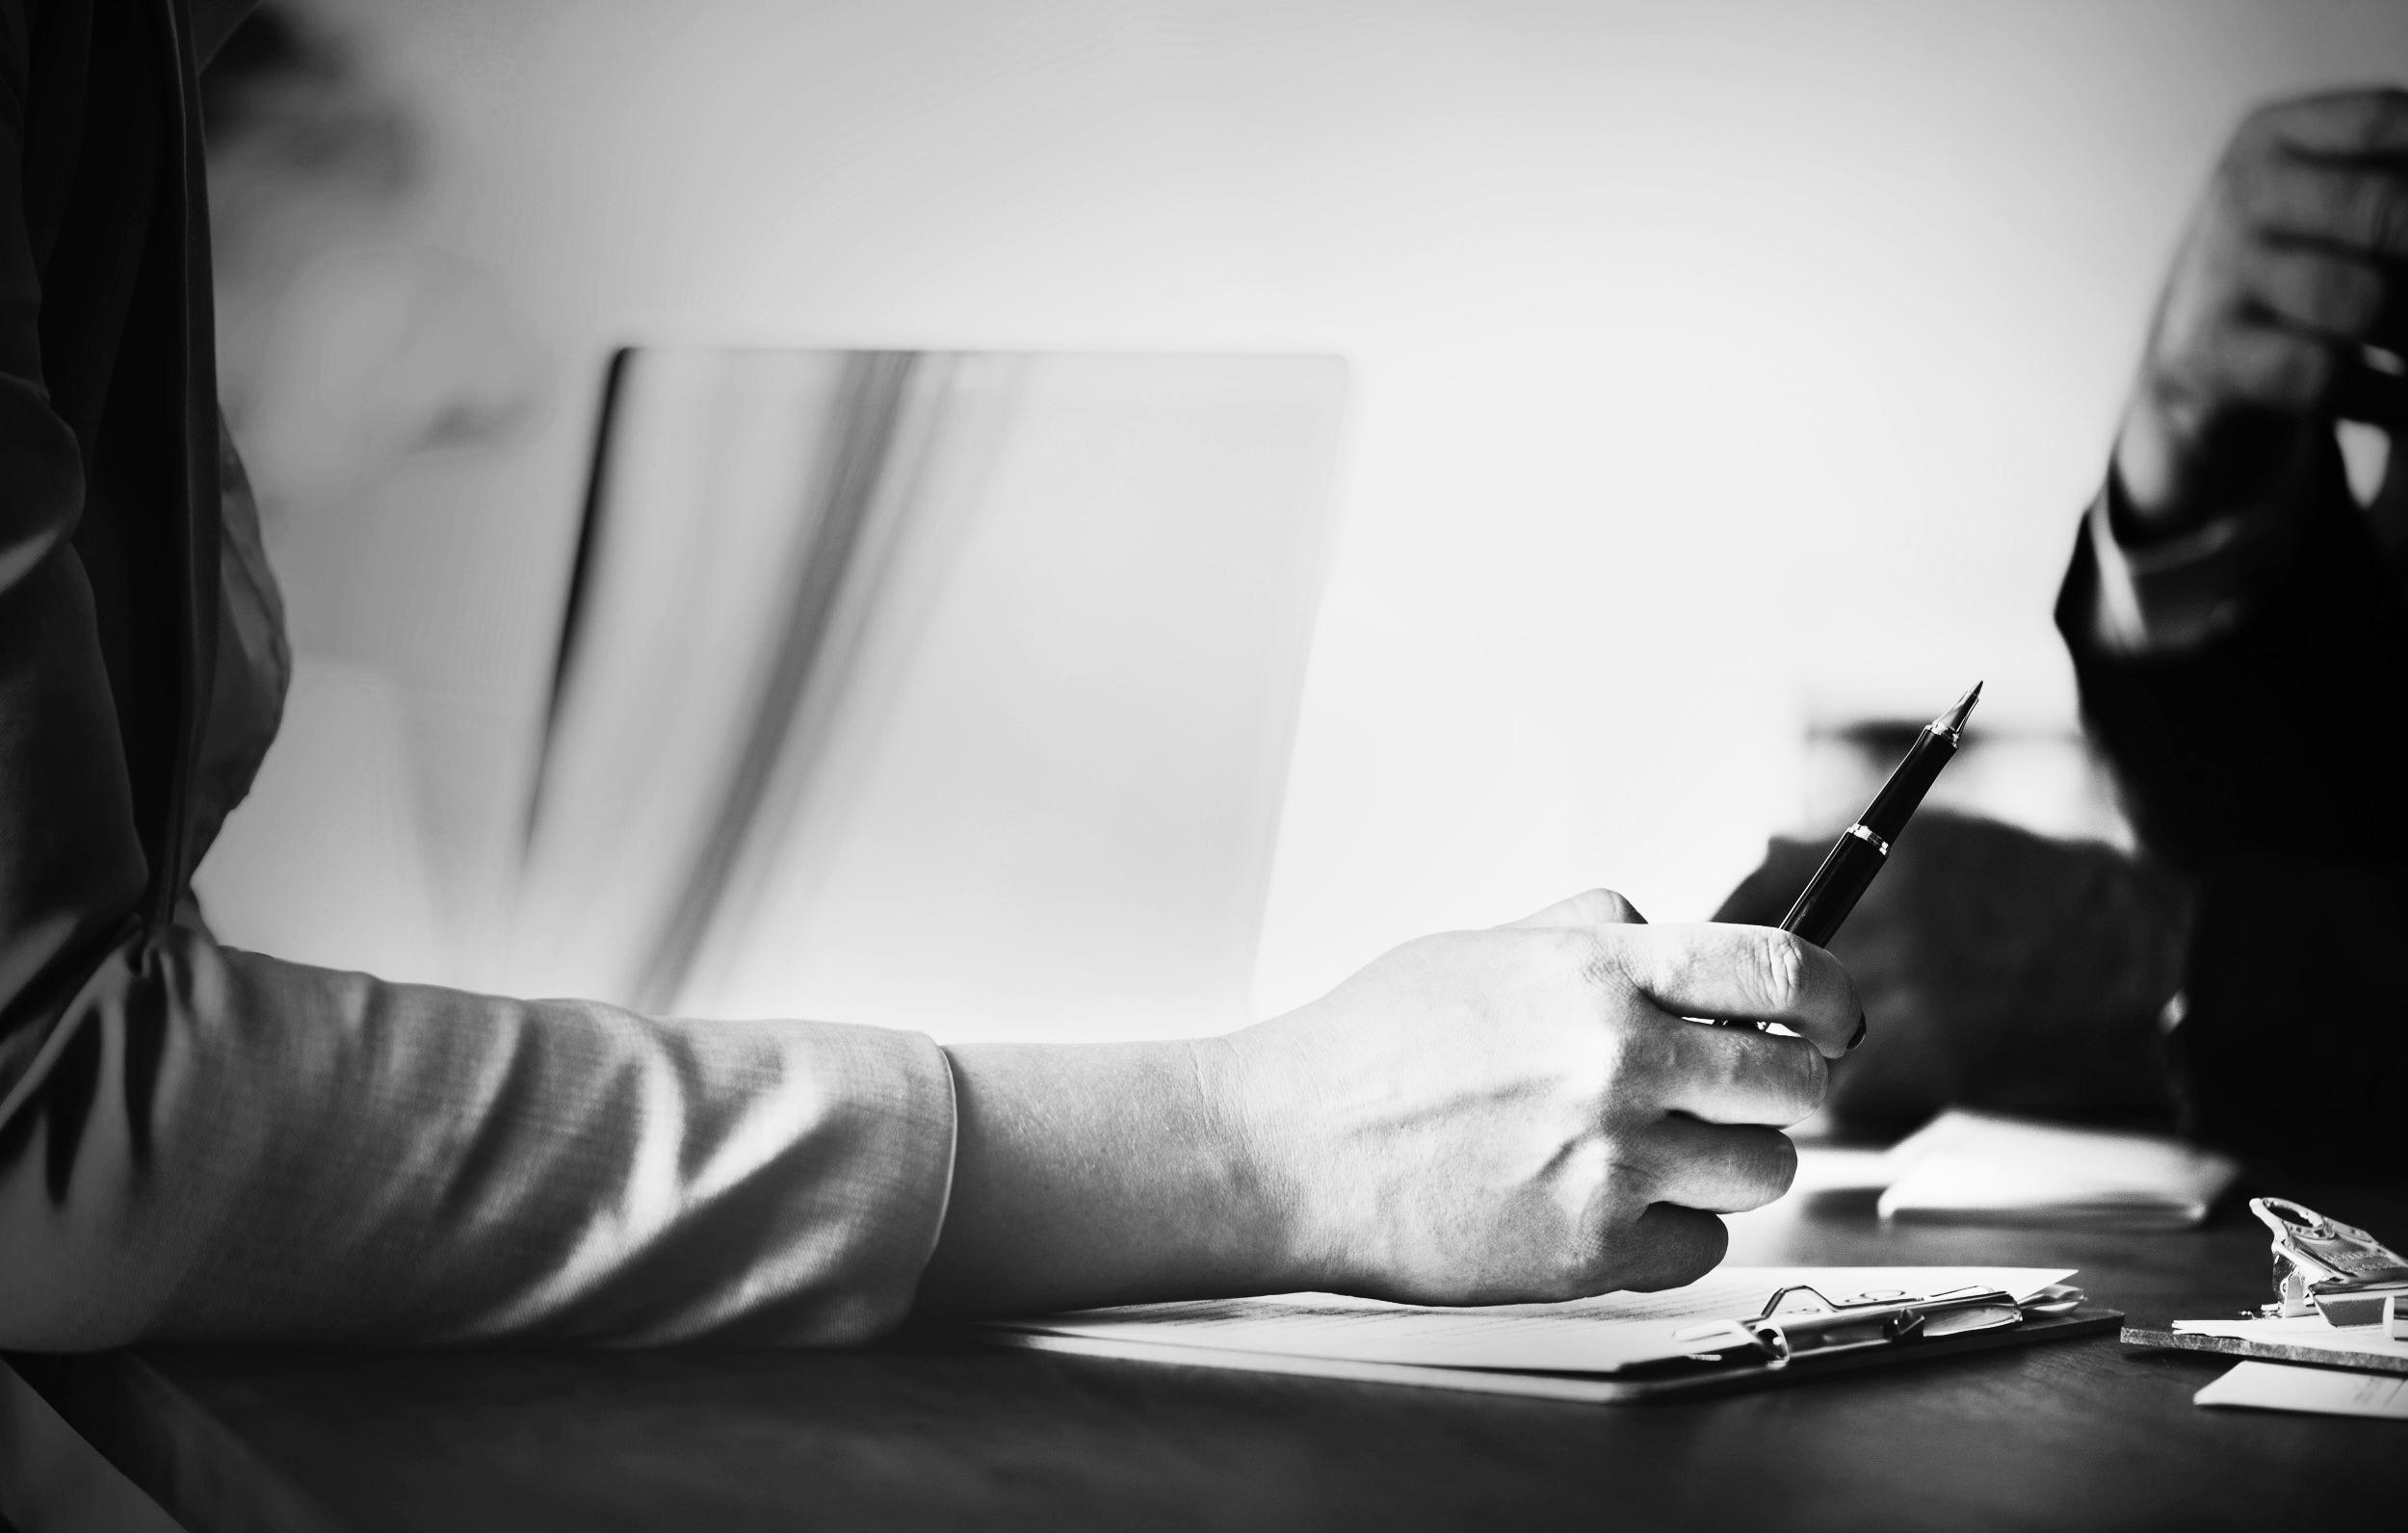 Intensieve begeleiding - Als franchisenemer krijgt u intensieve begeleiding om een succes van uw onderneming te maken. U wordt geadviseerd over een goede bedrijfsvoering.